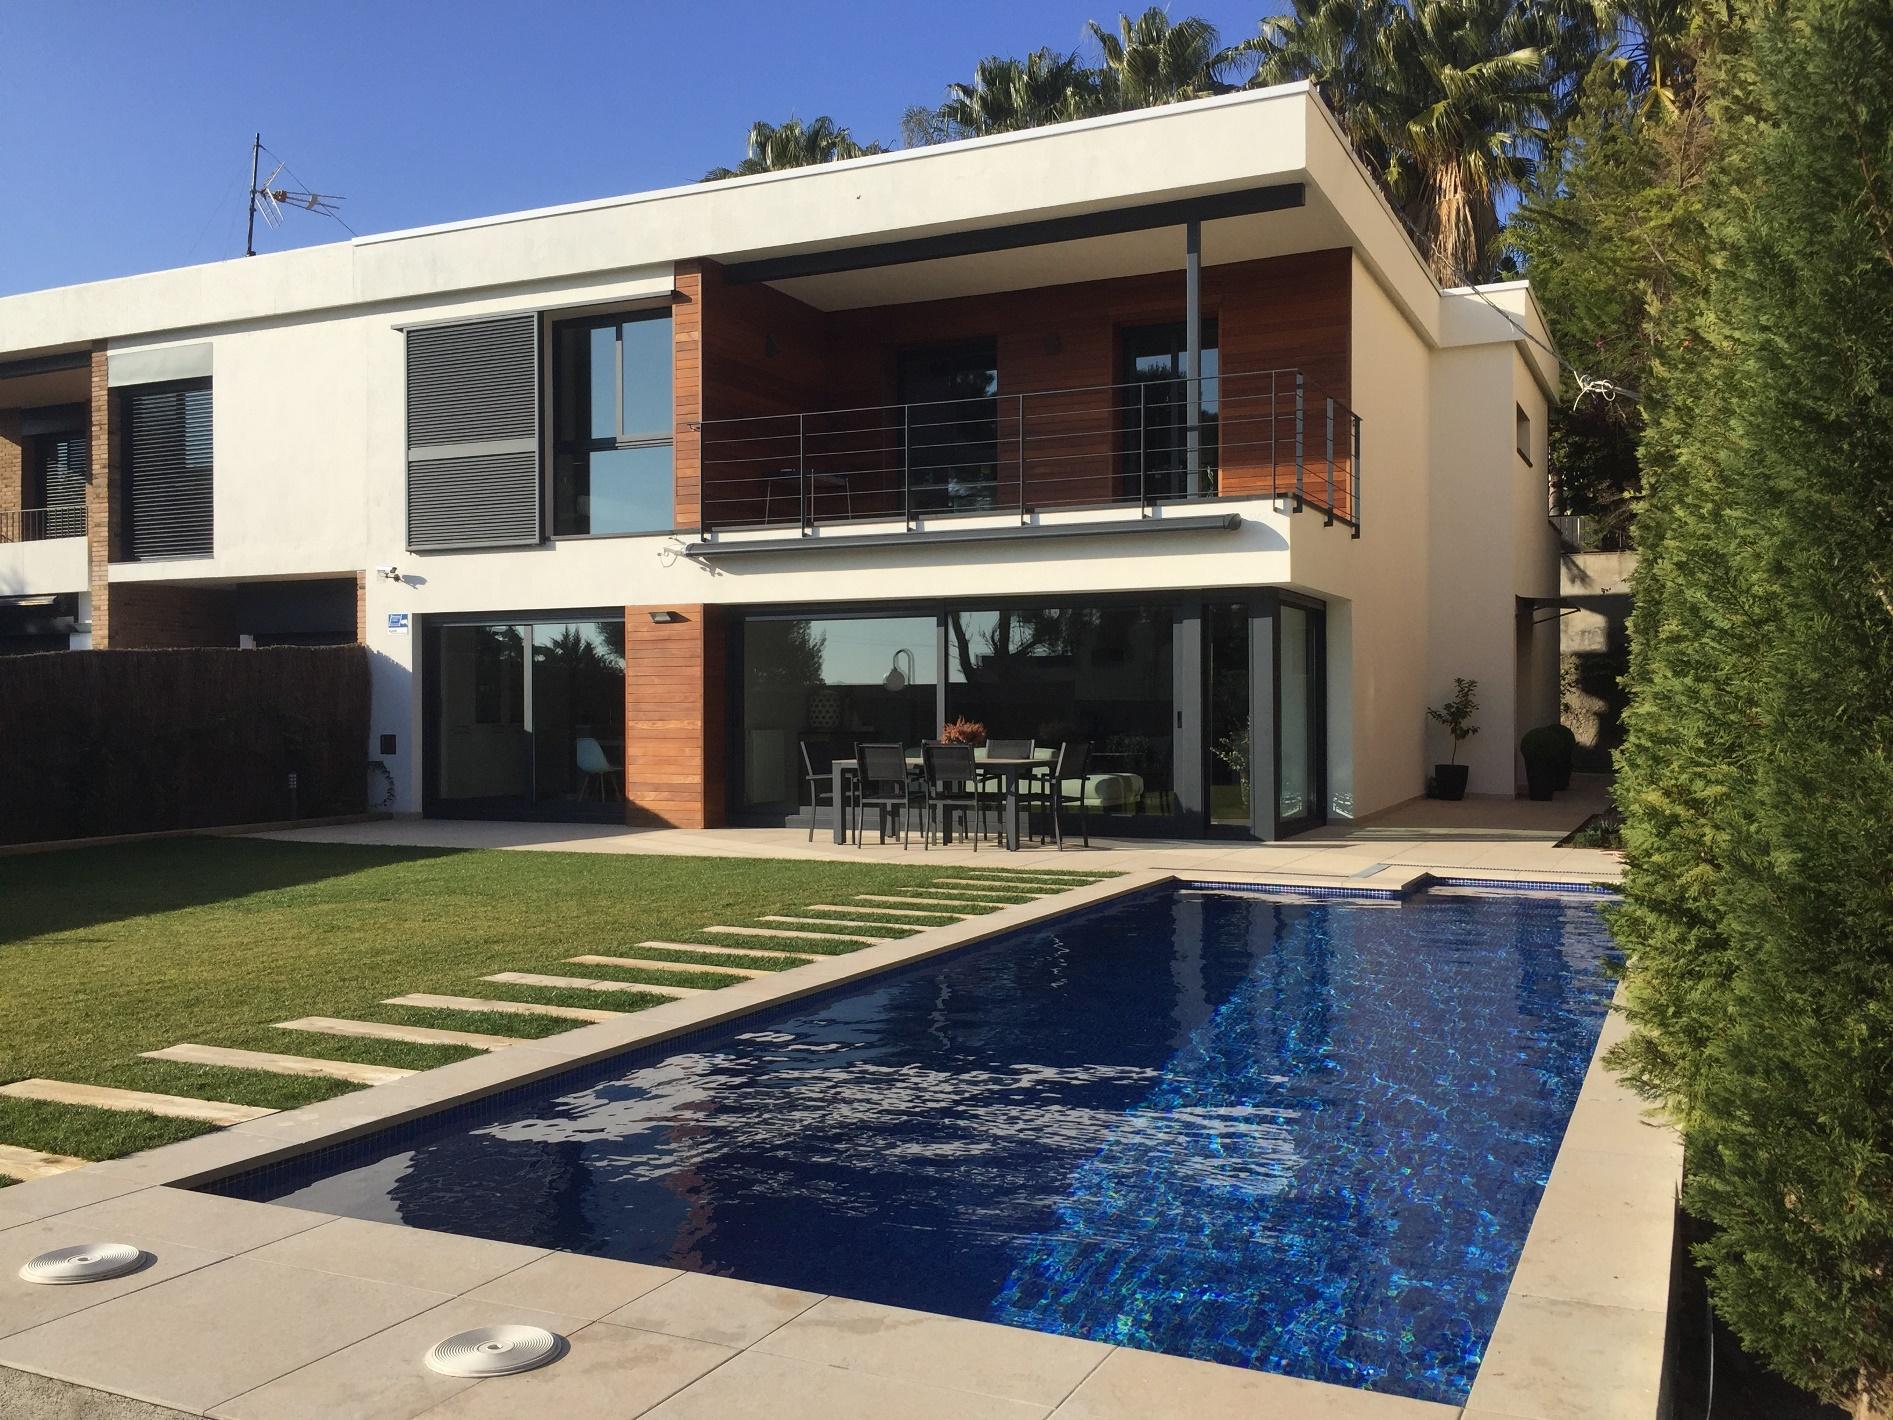 piscinas de diseño | recoder piscines maresme - construcción de